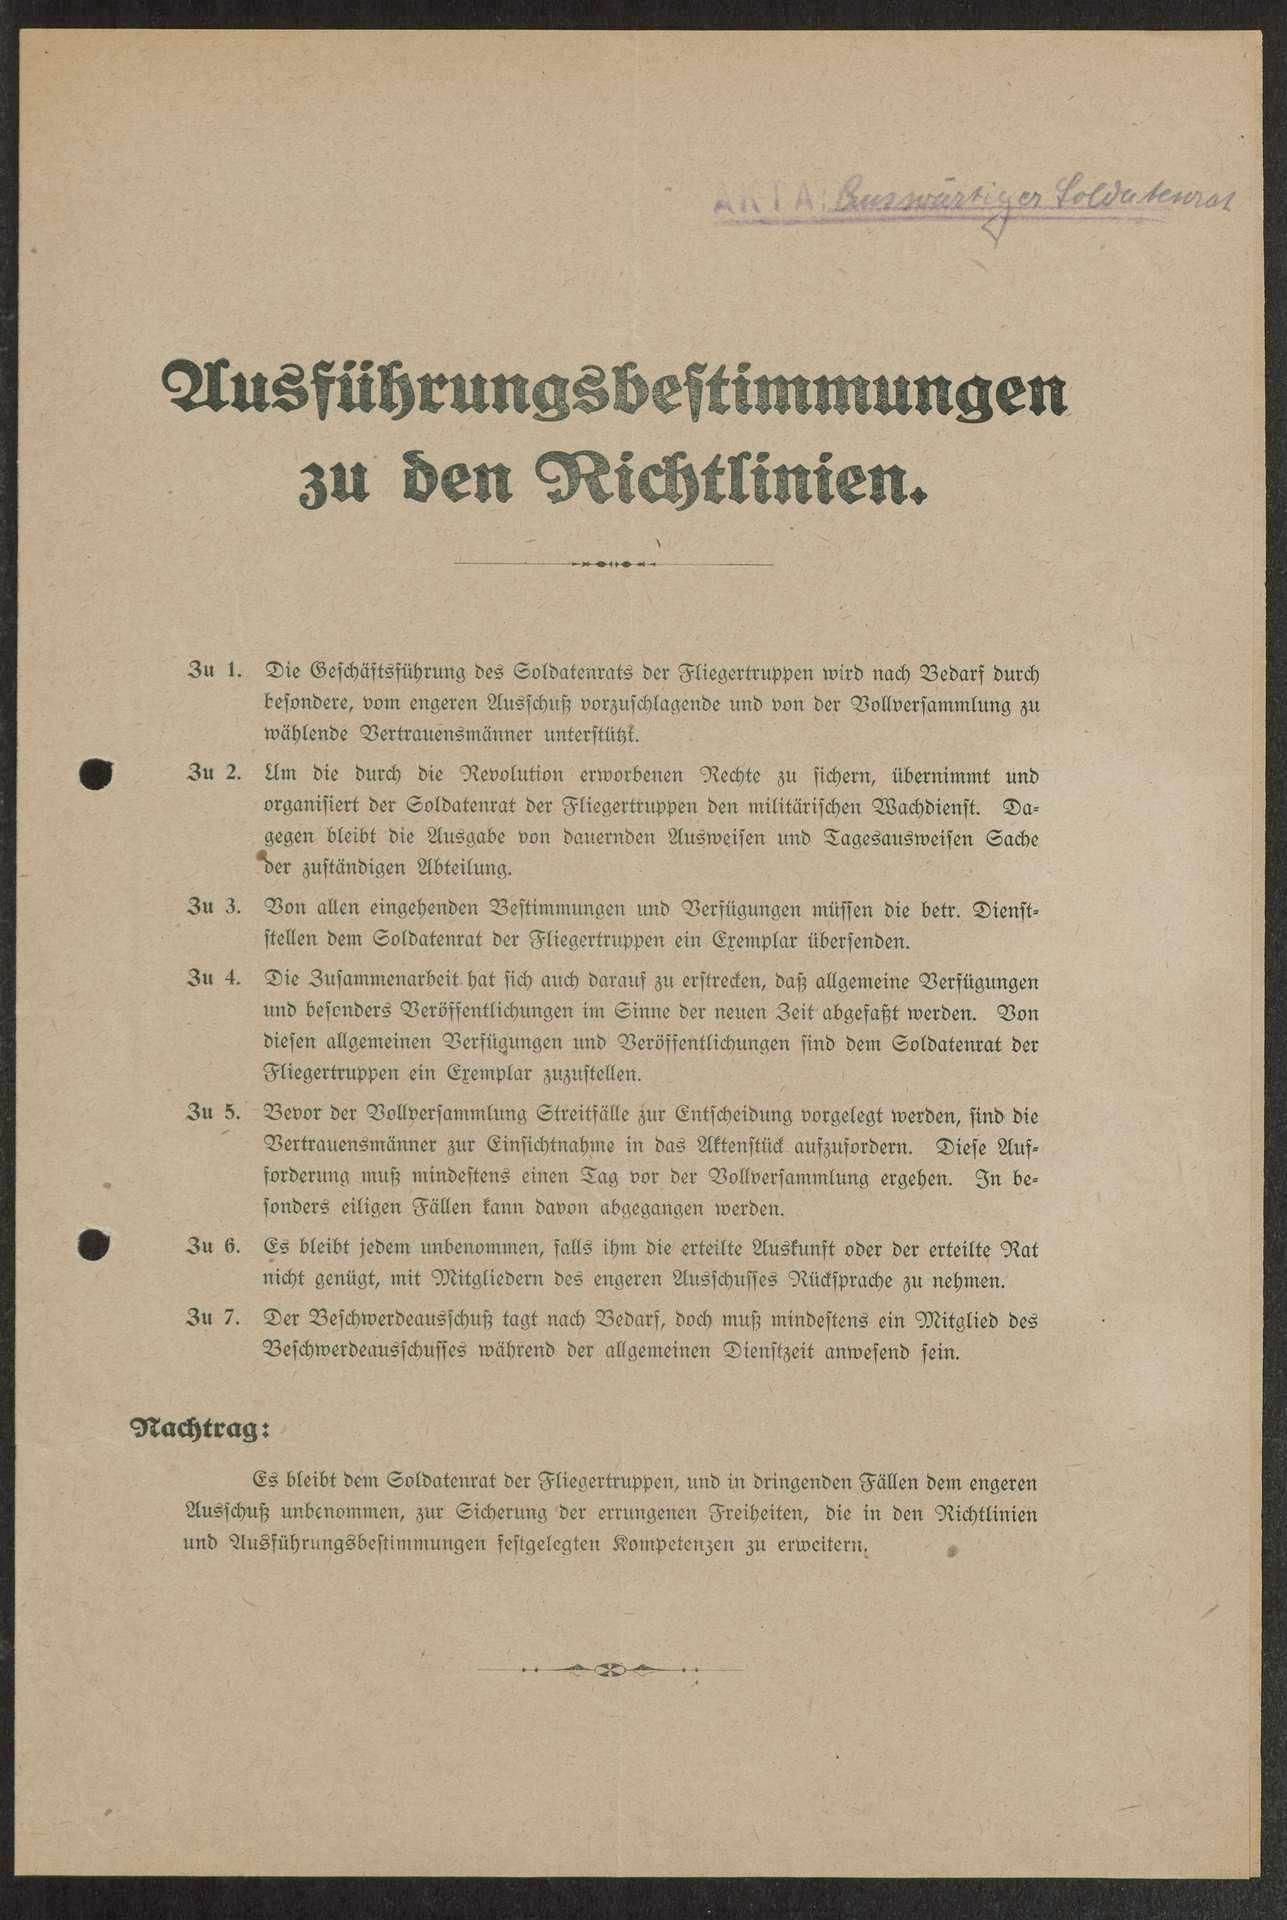 Bildung des Zentralsoldatenrats der Fliegertruppen, Protokoll des Delegiertentags der deutschen Fliegerverbände in (Berlin-) Charlottenburg, Bild 1